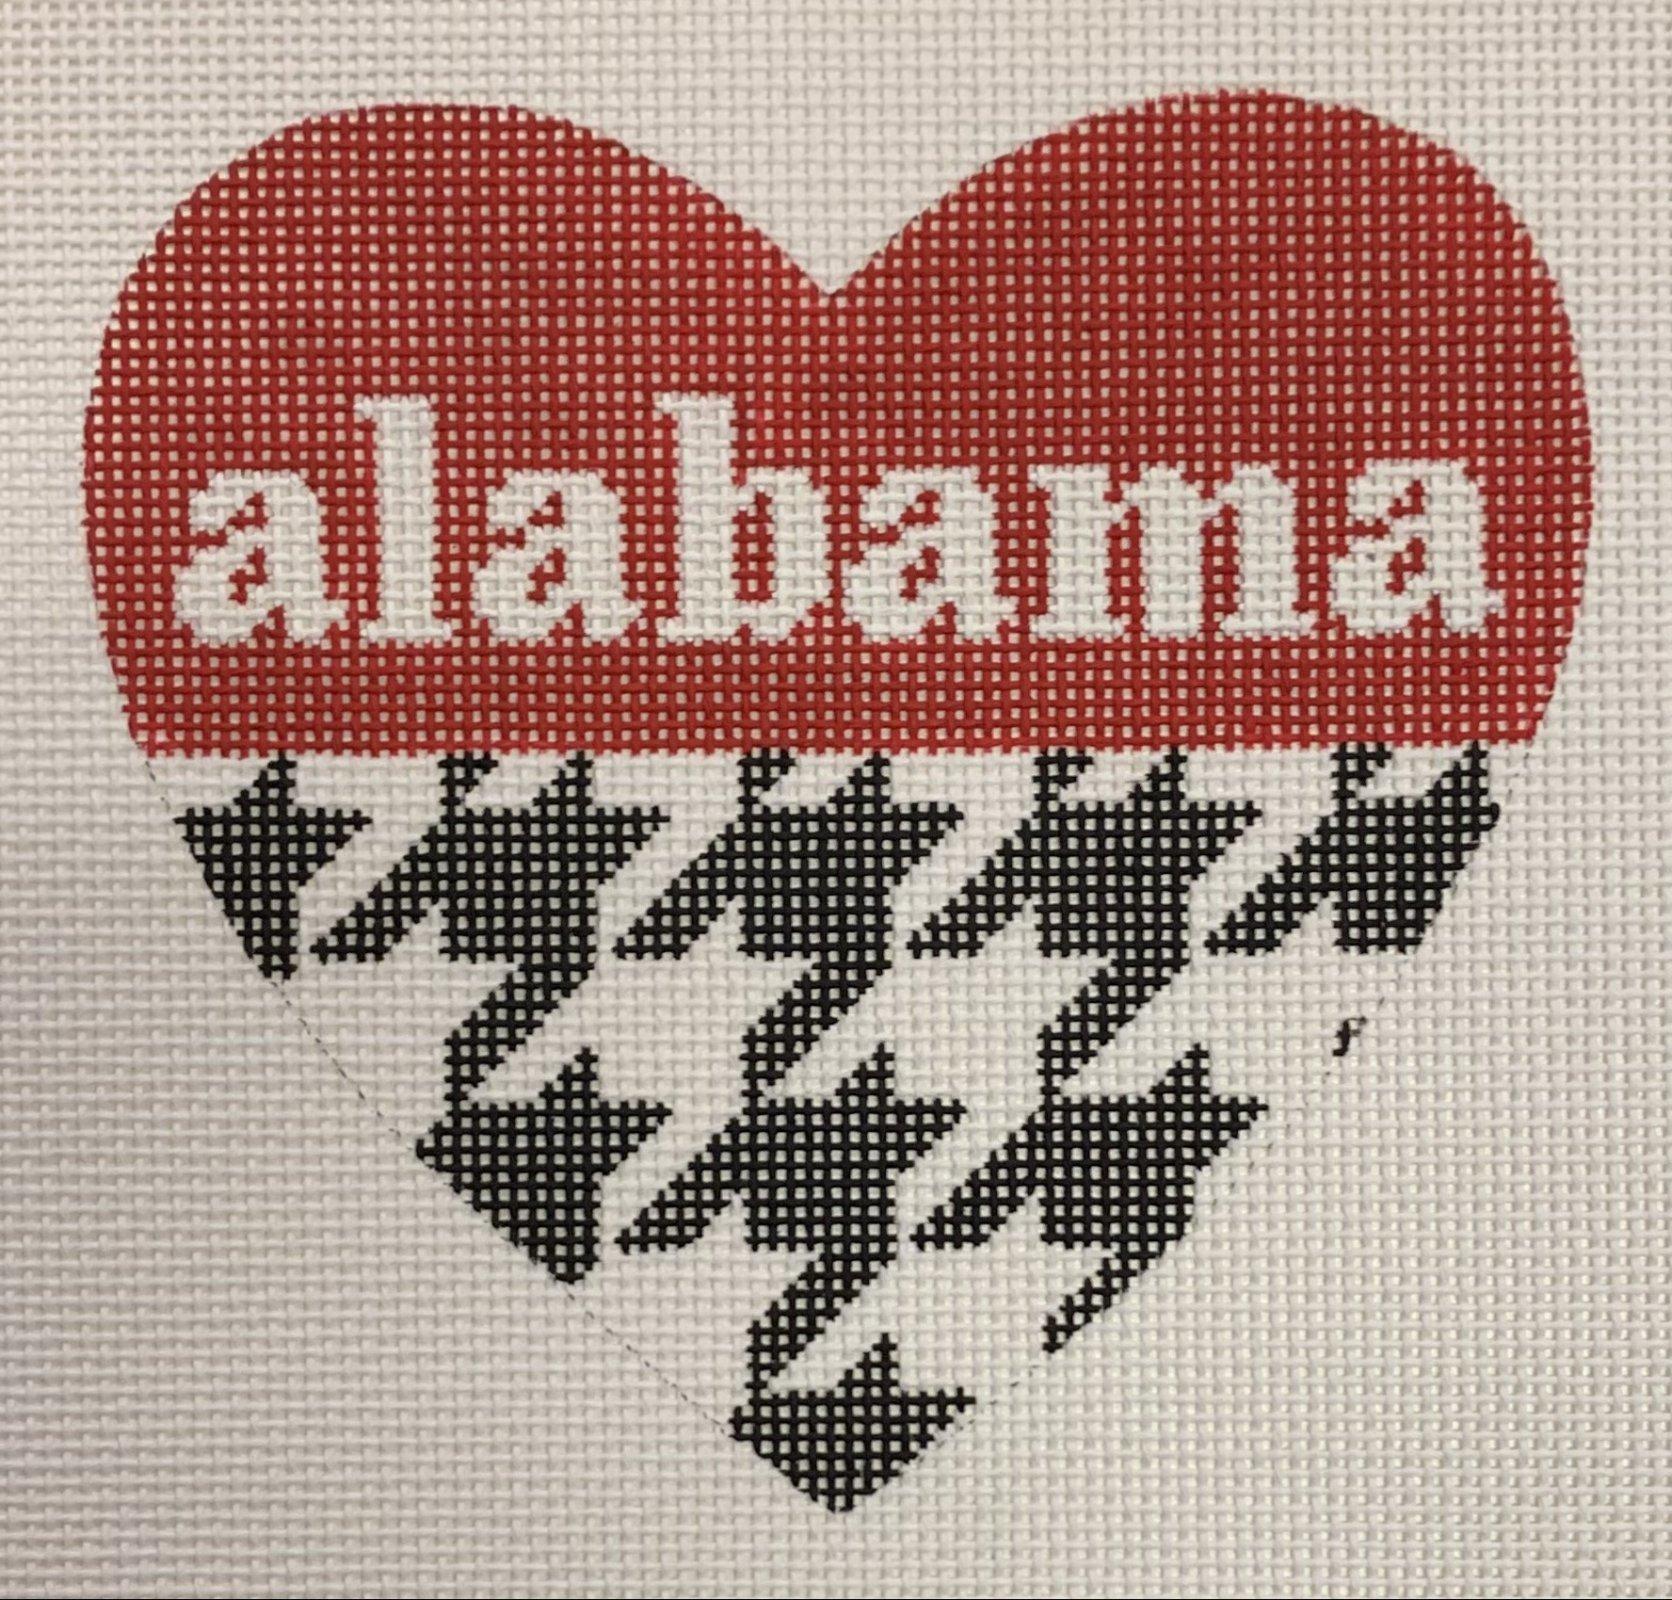 Alabama Heart